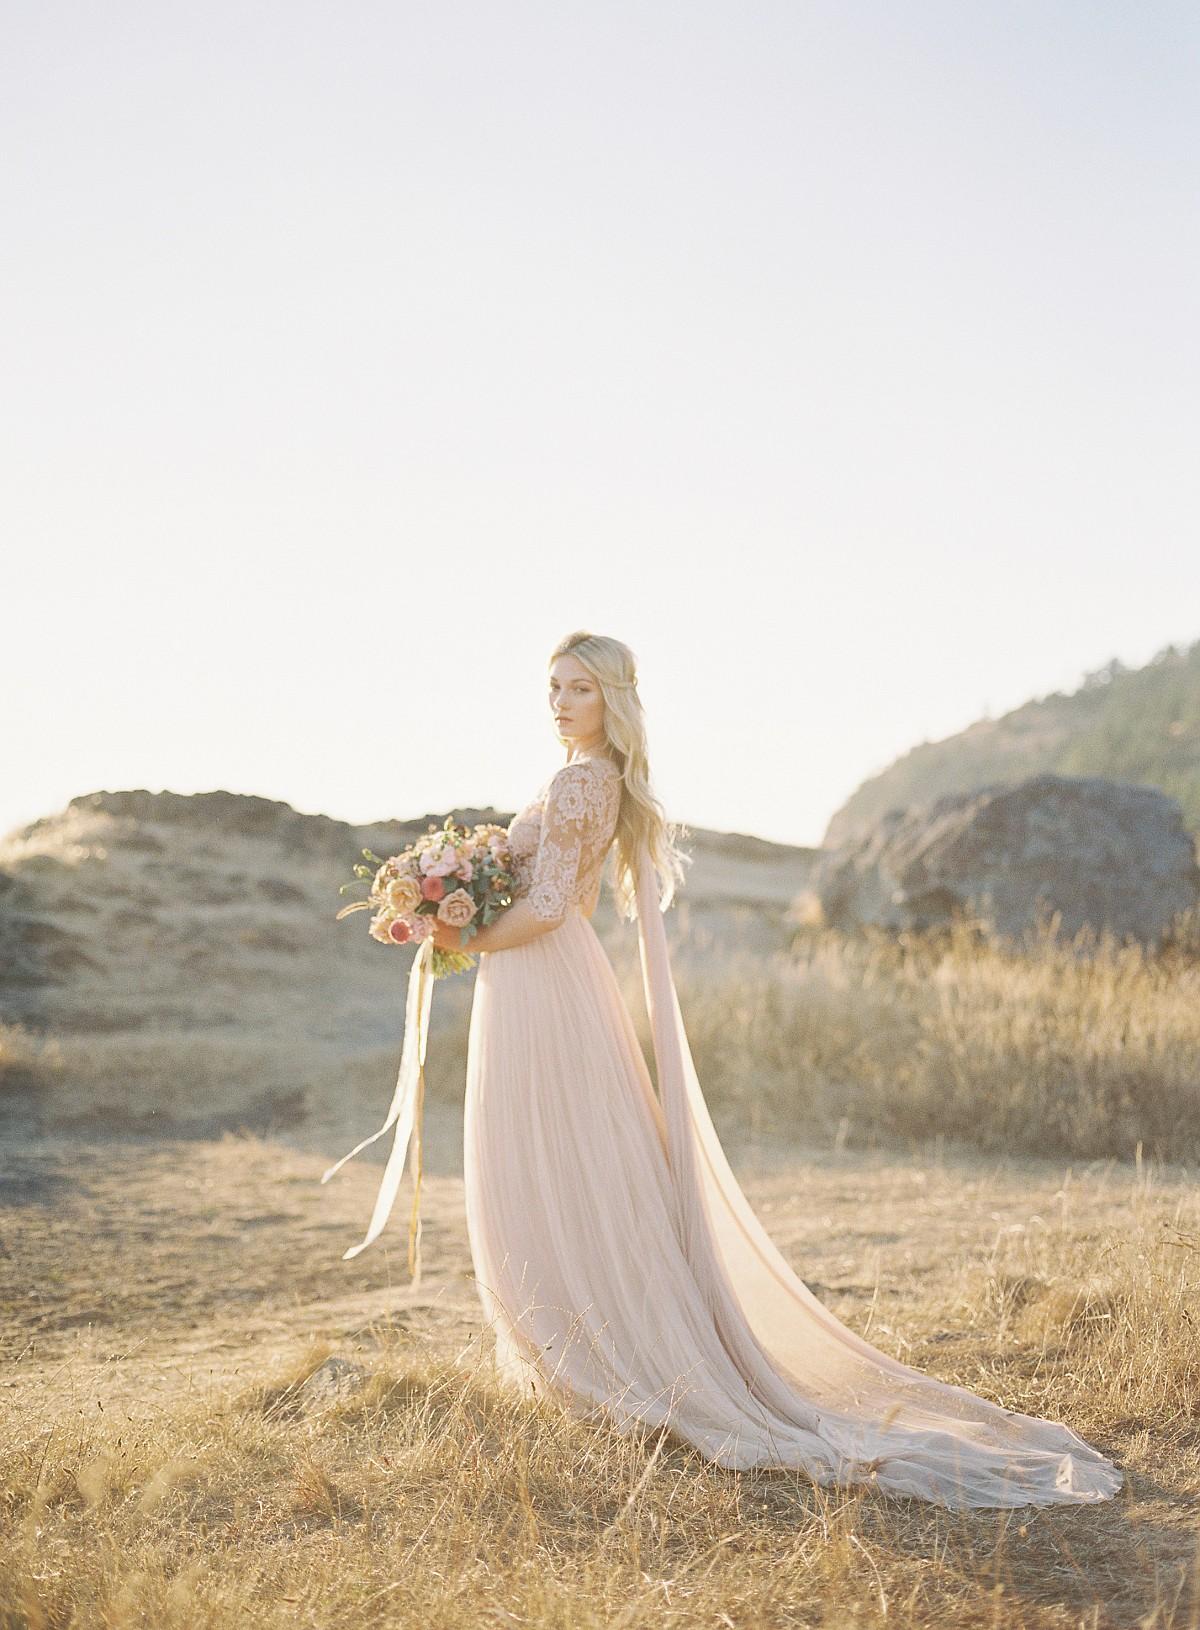 Blush Lace Wedding Dress Inspiration